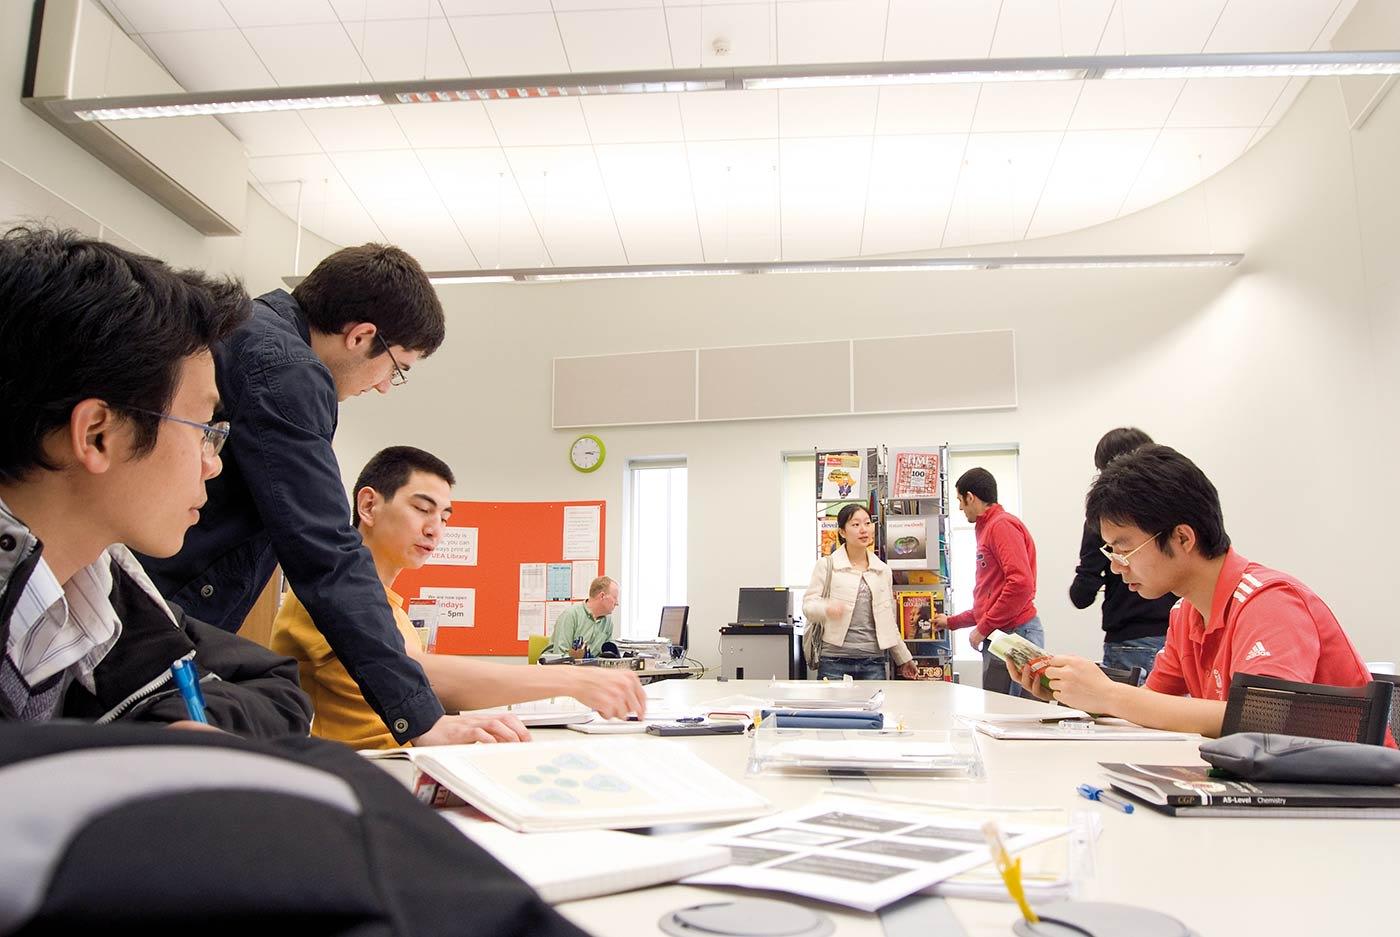 الاستعداد من أجل النجاح في جامعة إيست أنجليا